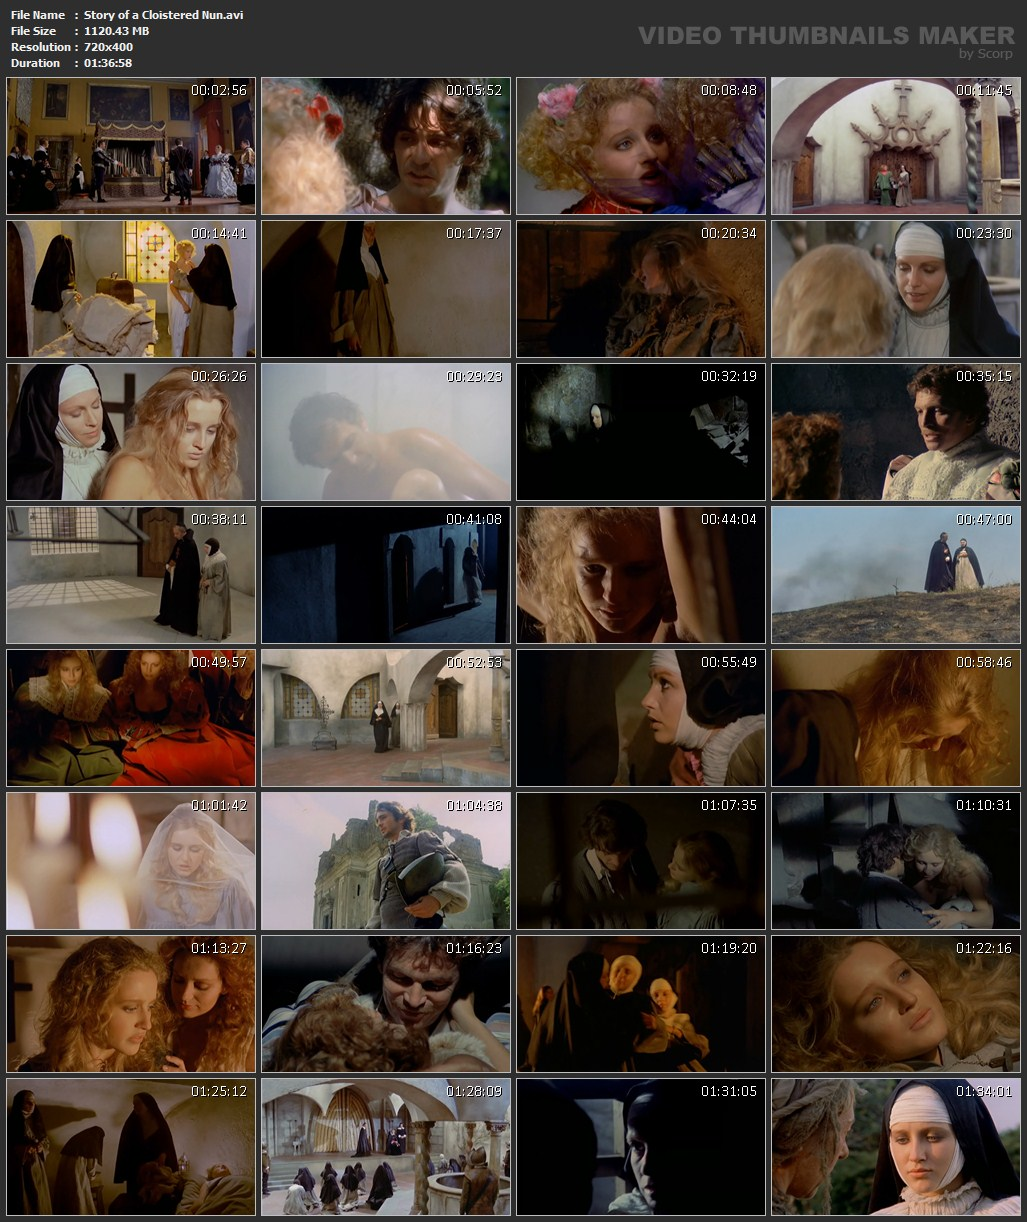 Eleonora giorgi storia di una monaca di clausura - 1 6